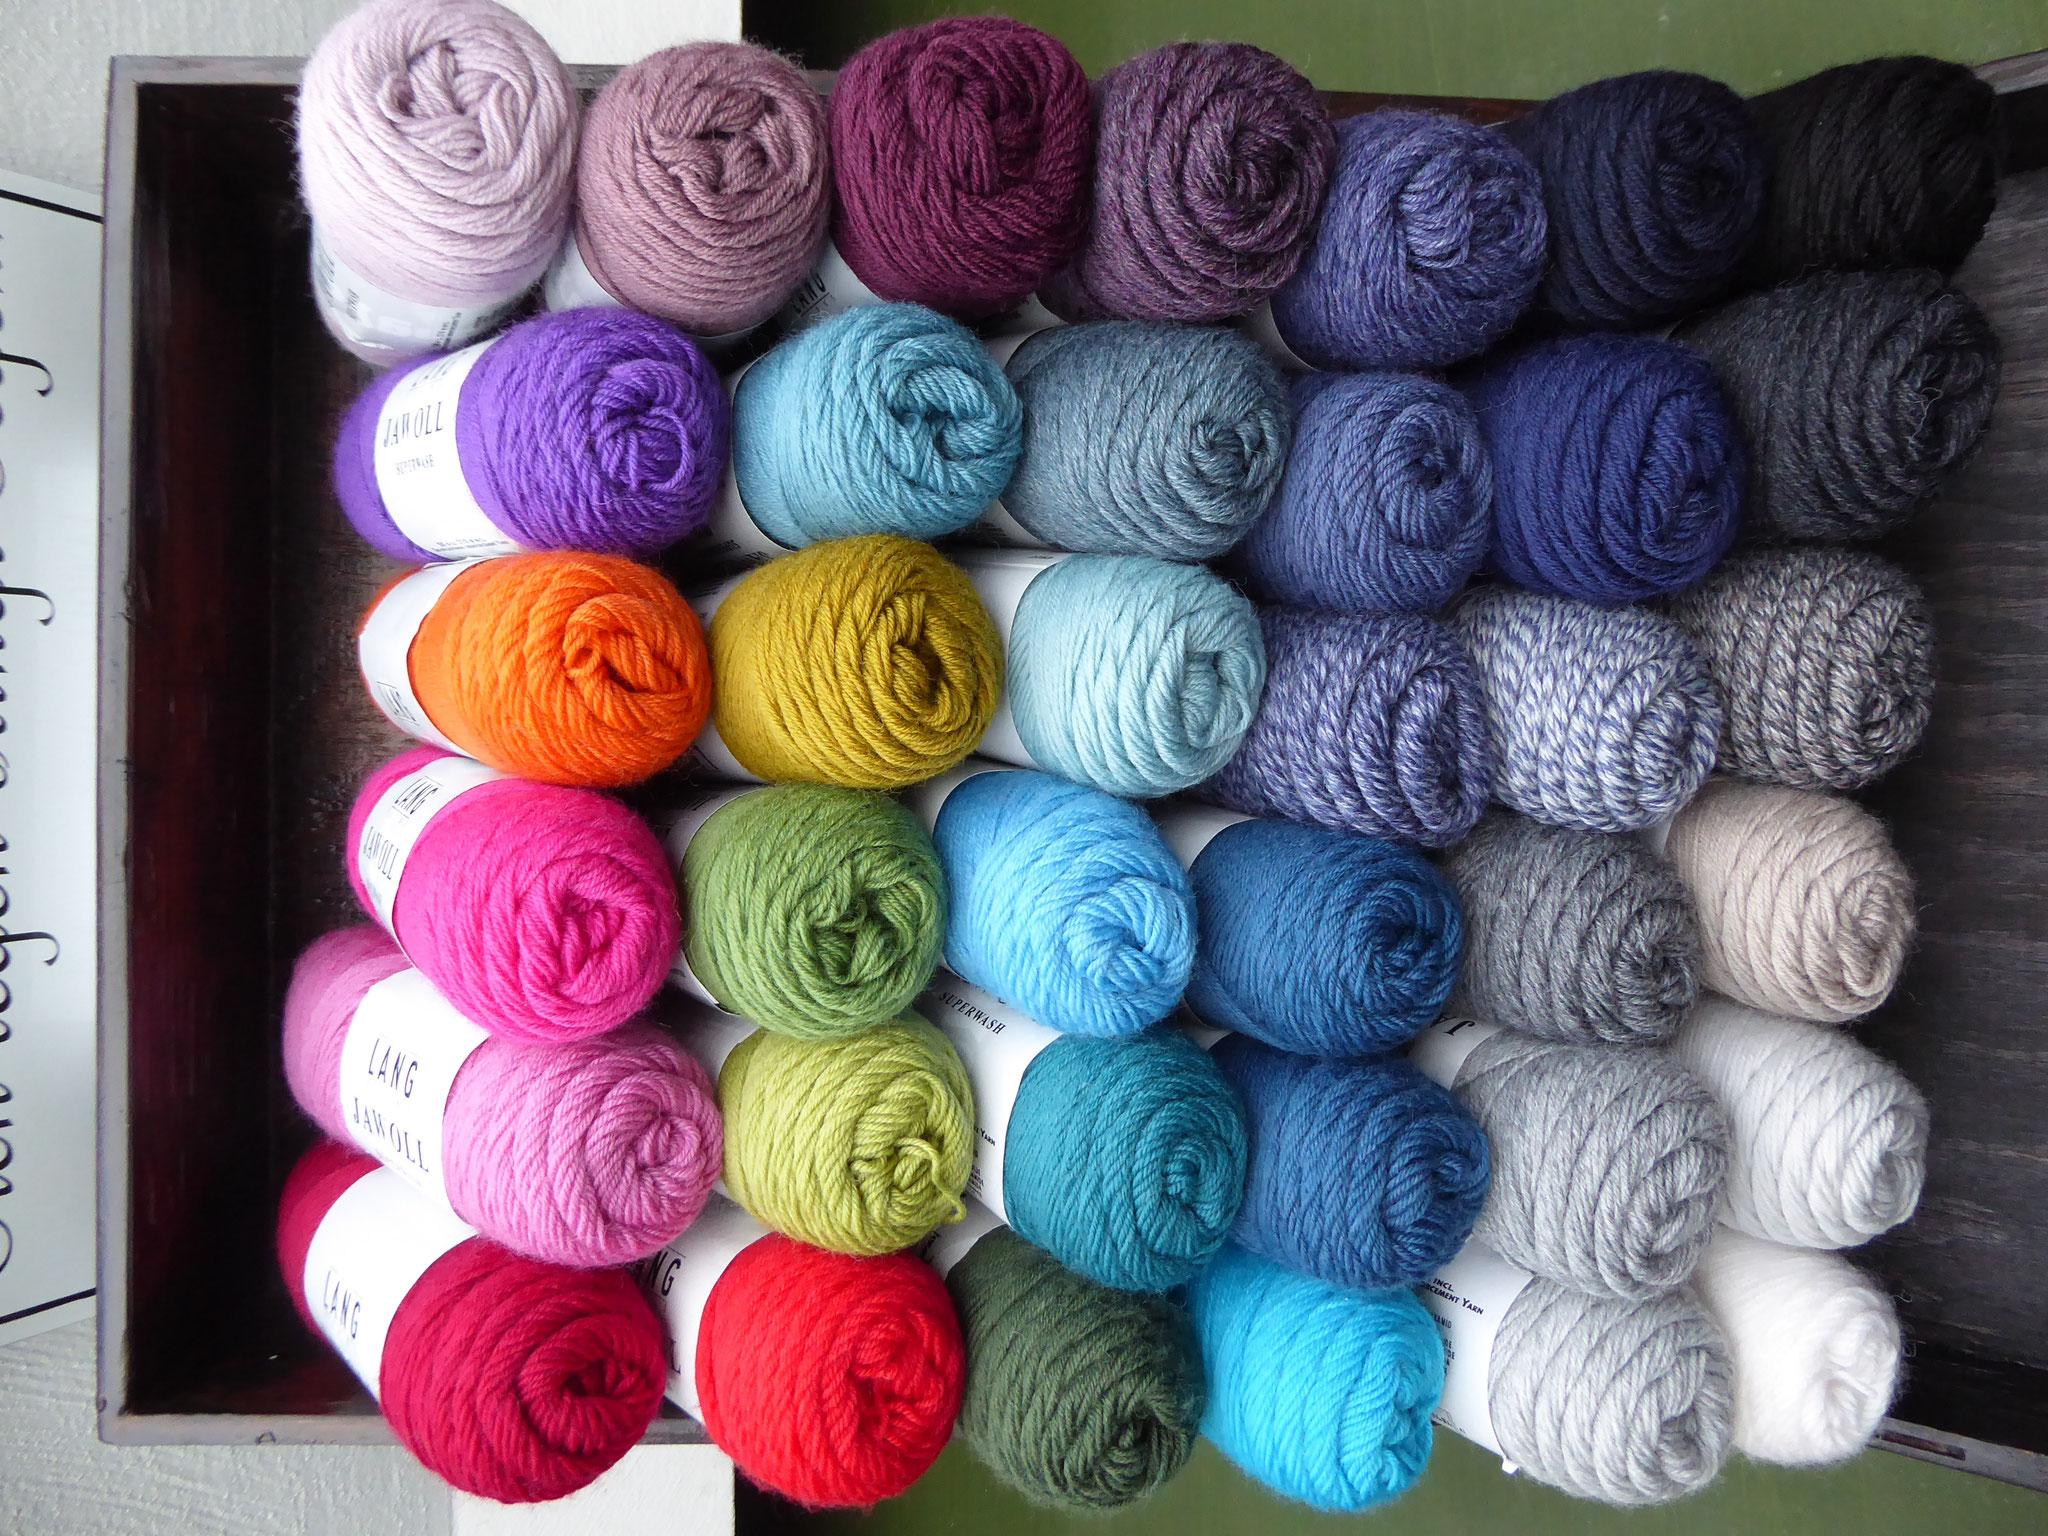 Sockenwolle von LANG in 40 Farben 75% Schurwolle, 25% Polyester Lauflänge 210m/50gr.  4,25 Euro/50gr. Schöne Sockenwolle in wunderbaren Farben, sehr gut zu verwenden für Pullover, Schal Mütze! Gut kombinierbar mit Karen Noe! Waschmaschinenfest